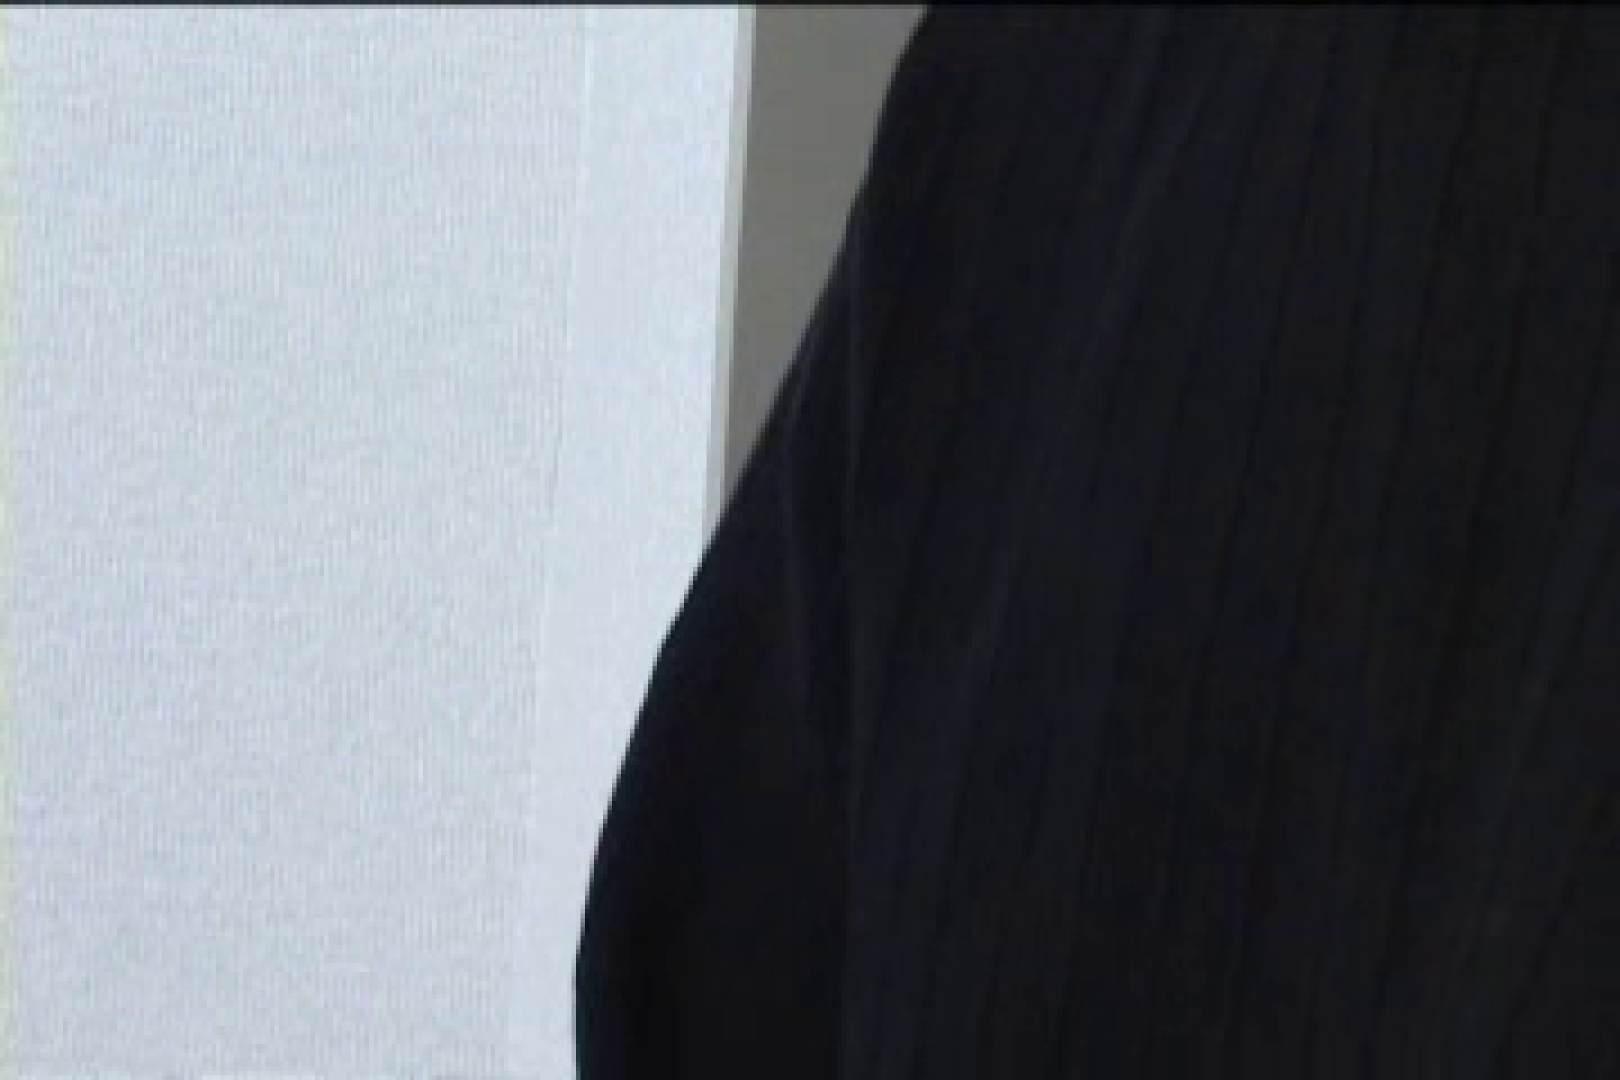 ノンケ君?まさかの初体験!!大学生のPVFile.first day イケメンのセックス | 男の大学生  14枚 14